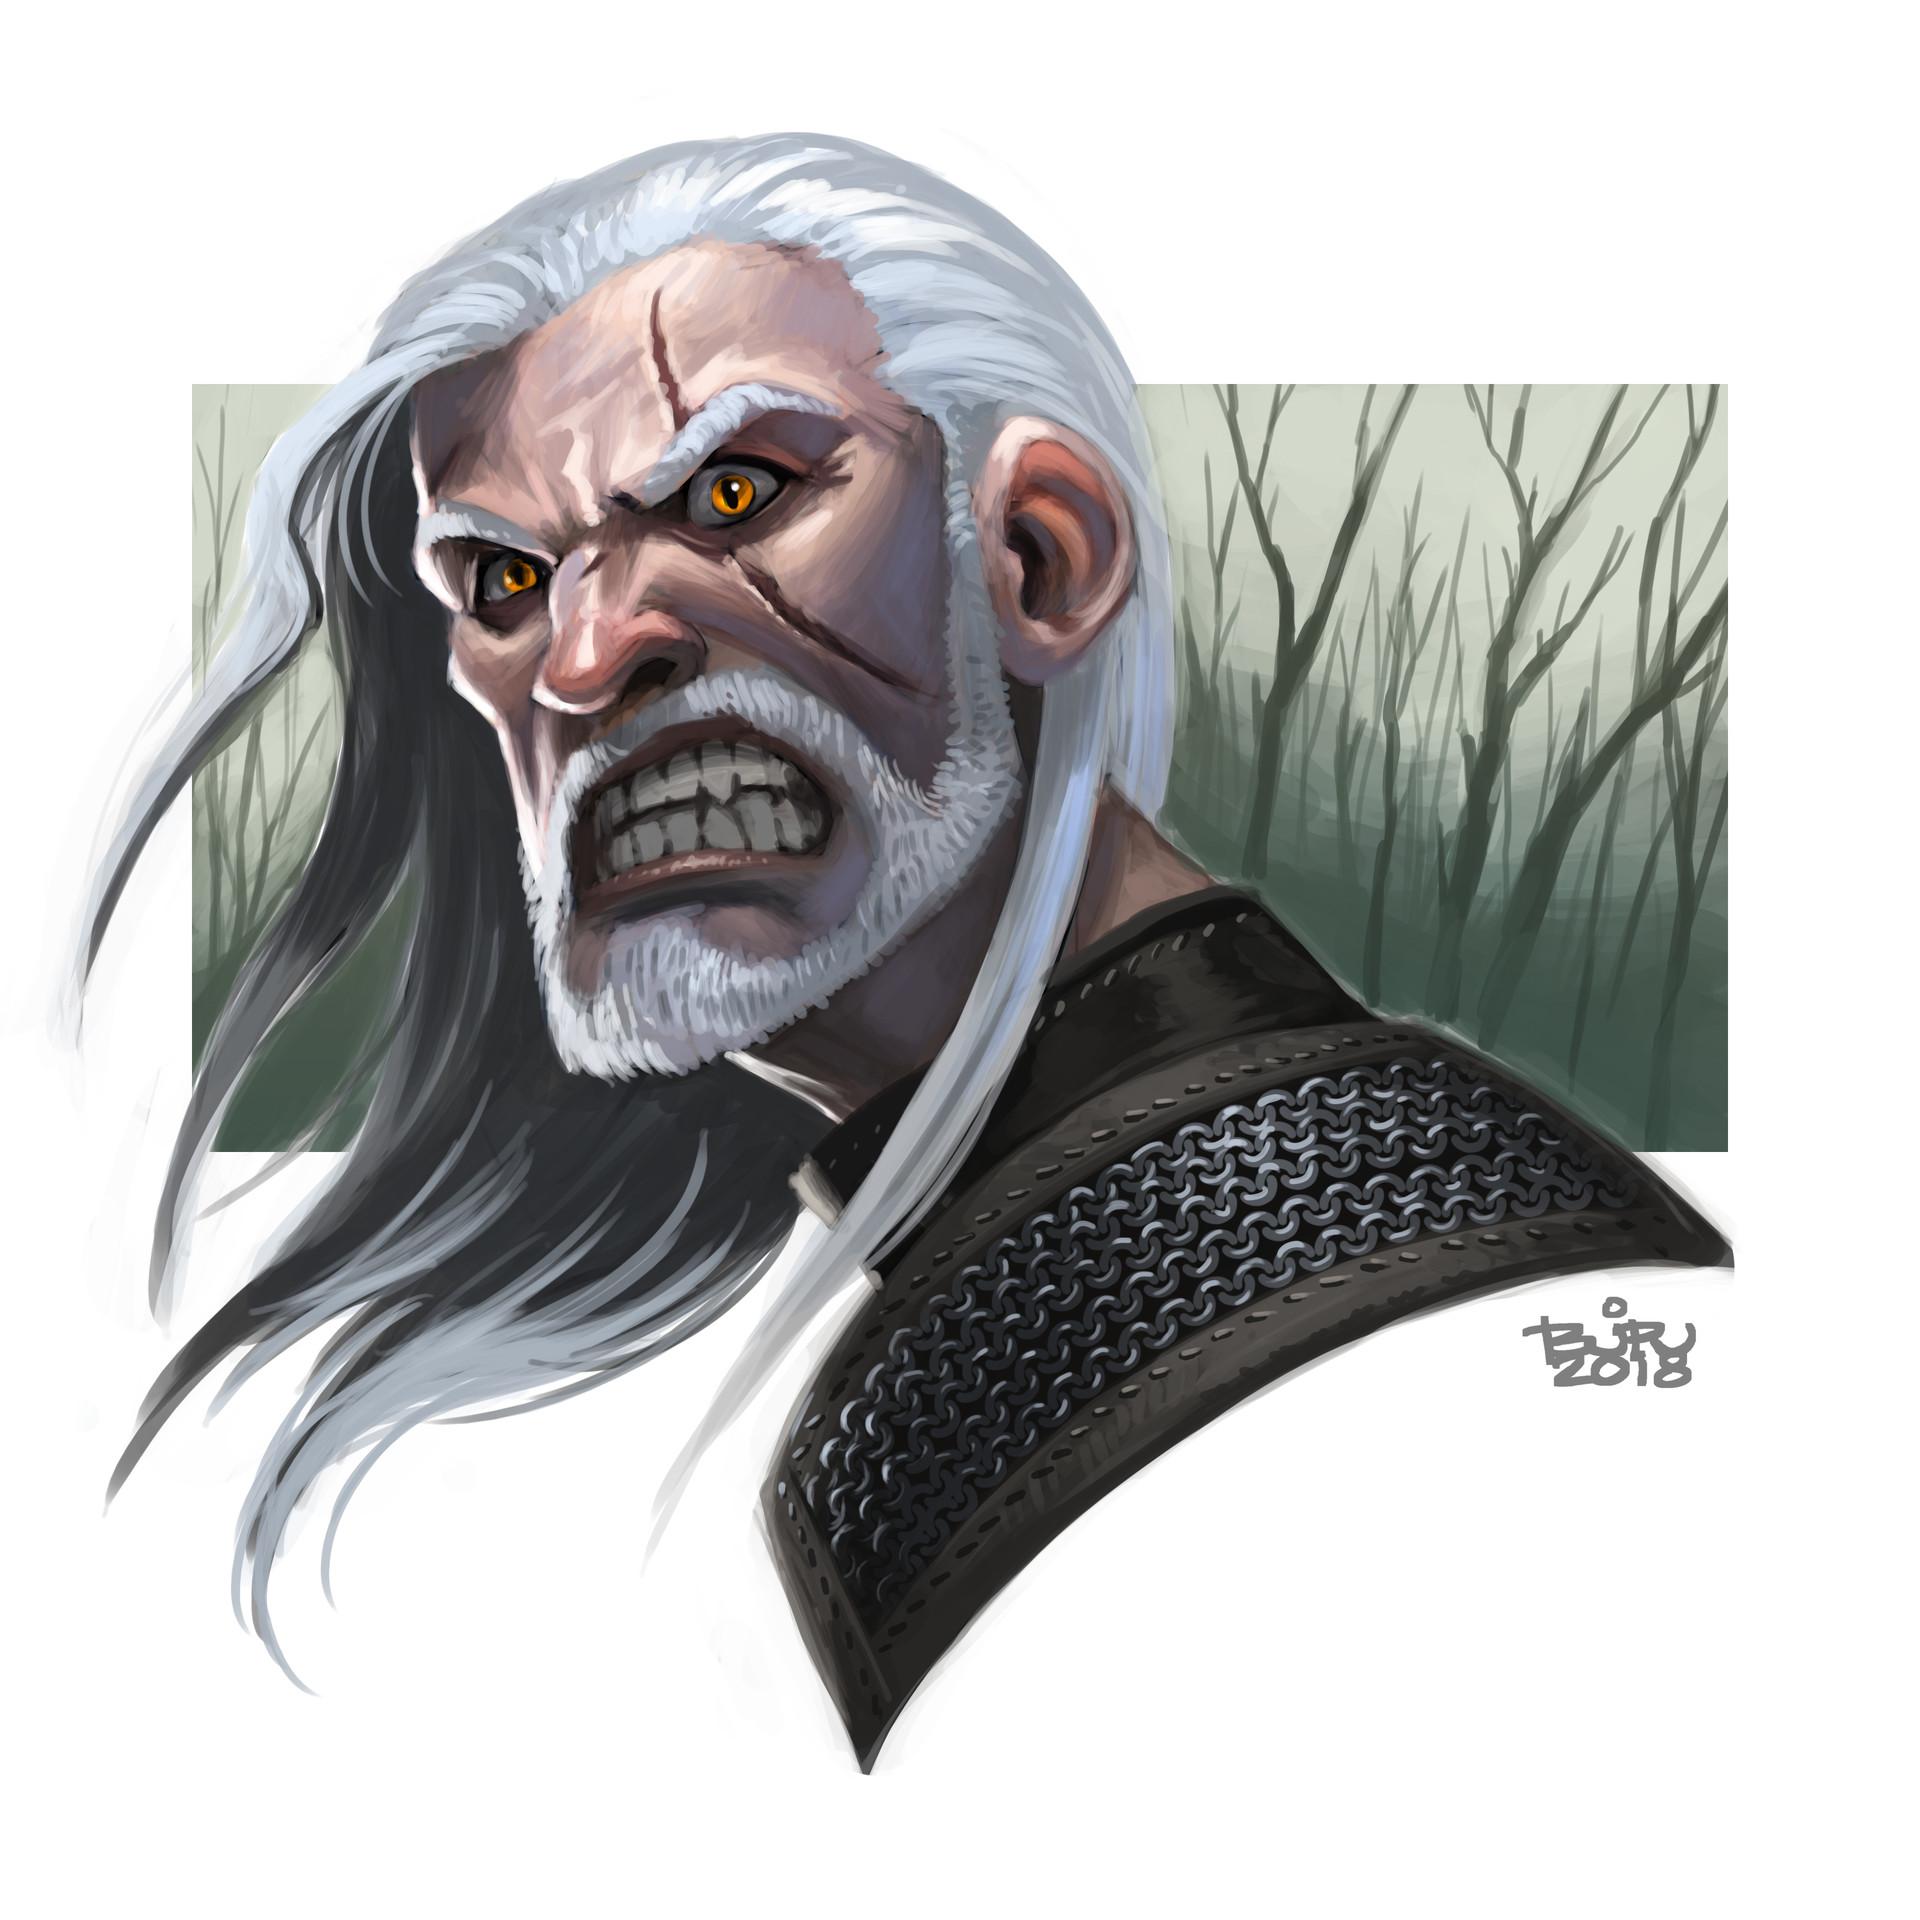 ephUZI0A37w.jpg - Witcher 3: Wild Hunt, the